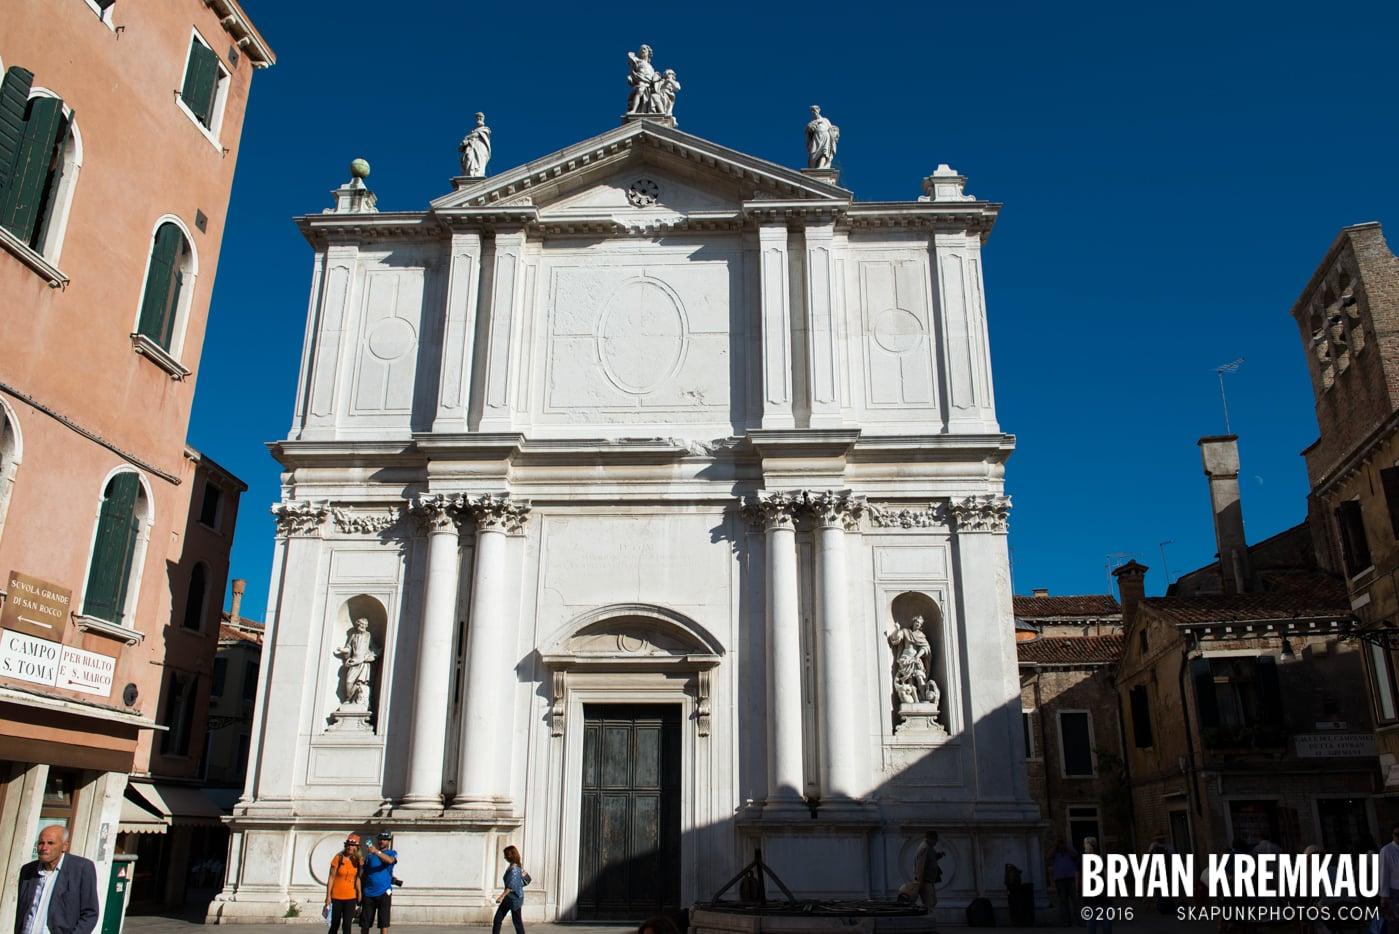 Italy Vacation - Day 4: Venice - 9.12.13 (39)